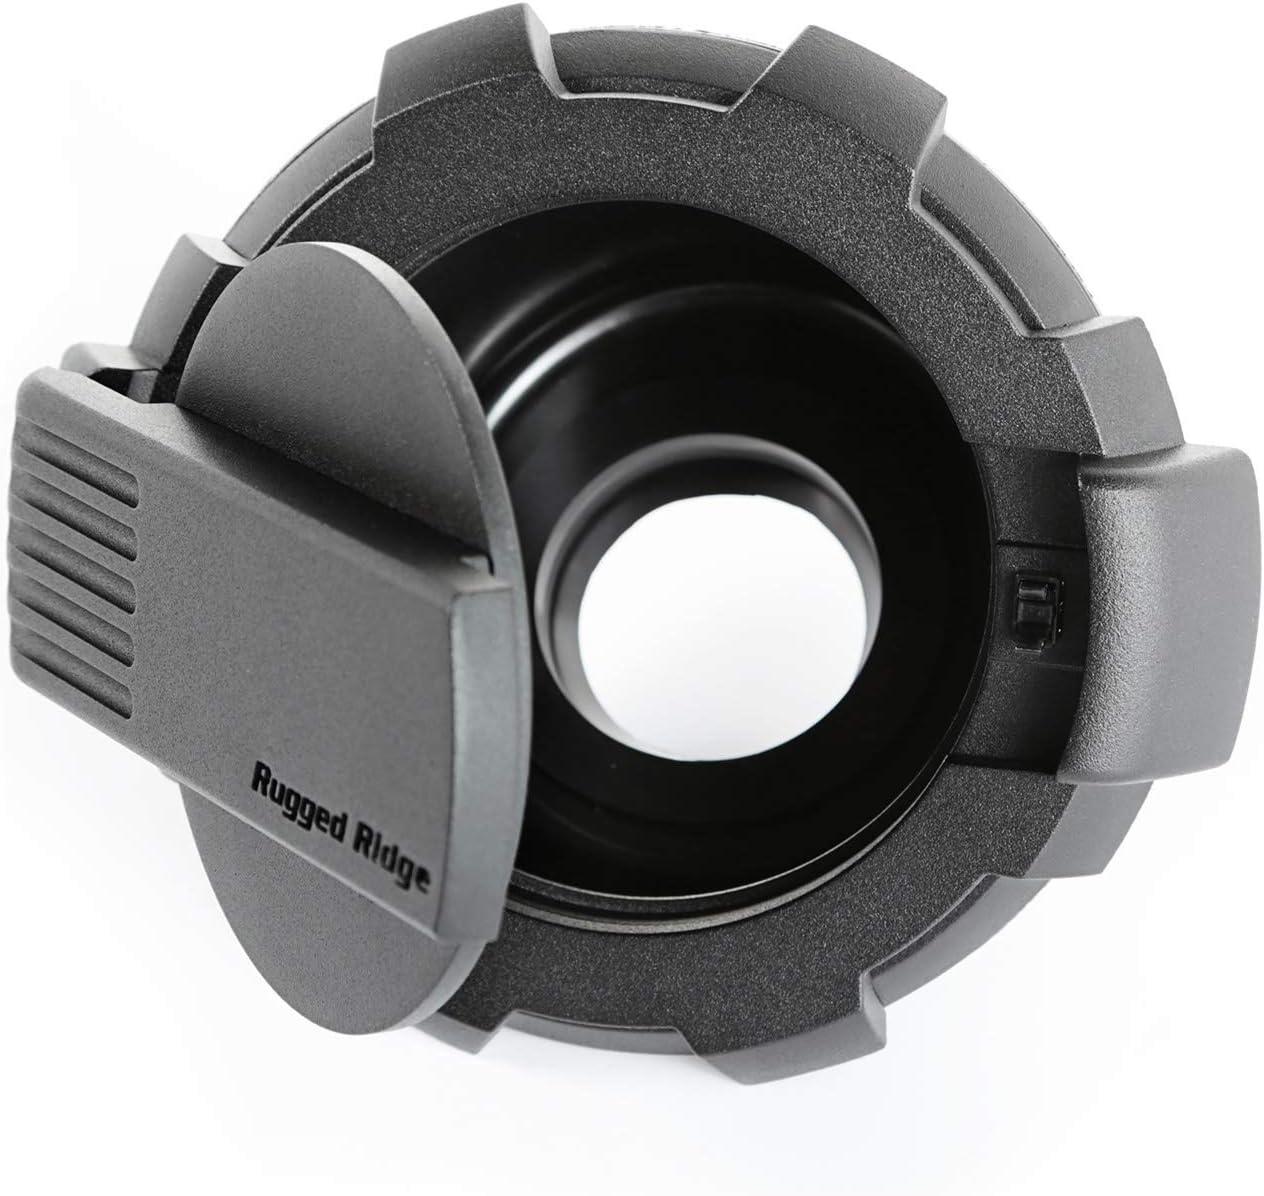 Non-Lock, 07-18 JK Rugged Ridge 11425.12 Black Elite Fuel Door